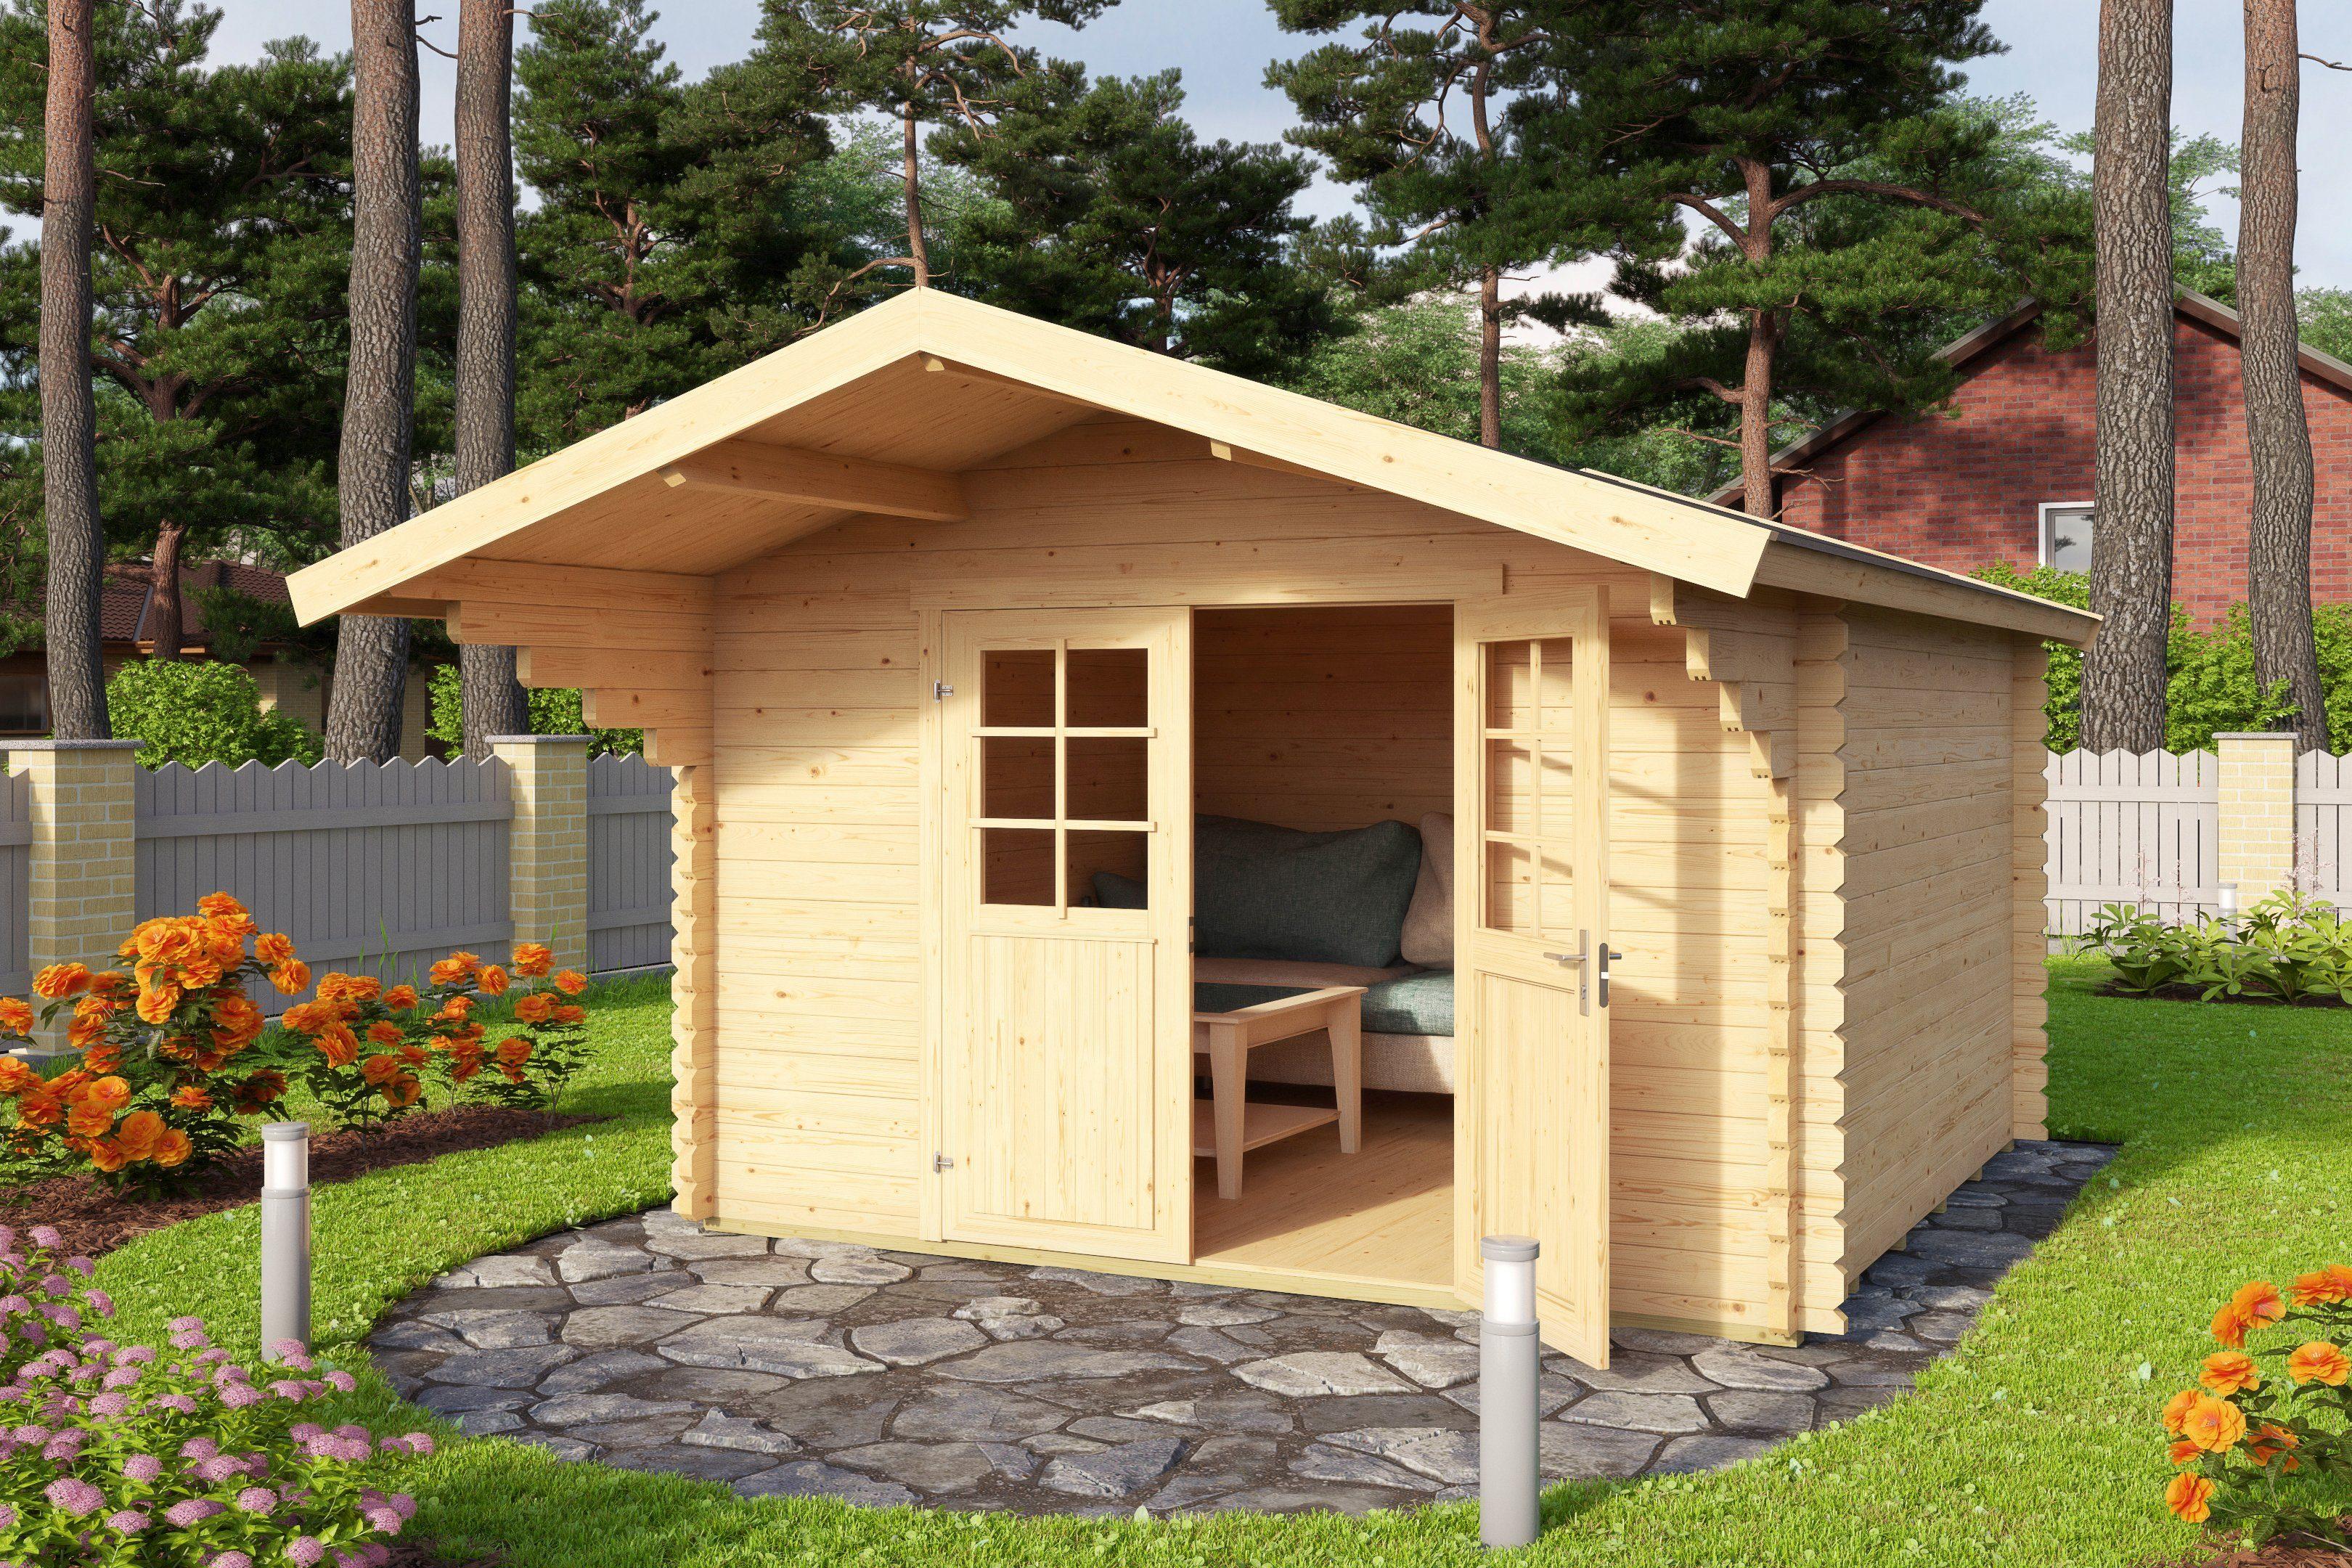 OUTDOOR LIFE PRODUCTS Gartenhaus »Viljandi 483«, BxT: 320x445 cm, inkl. Fußboden